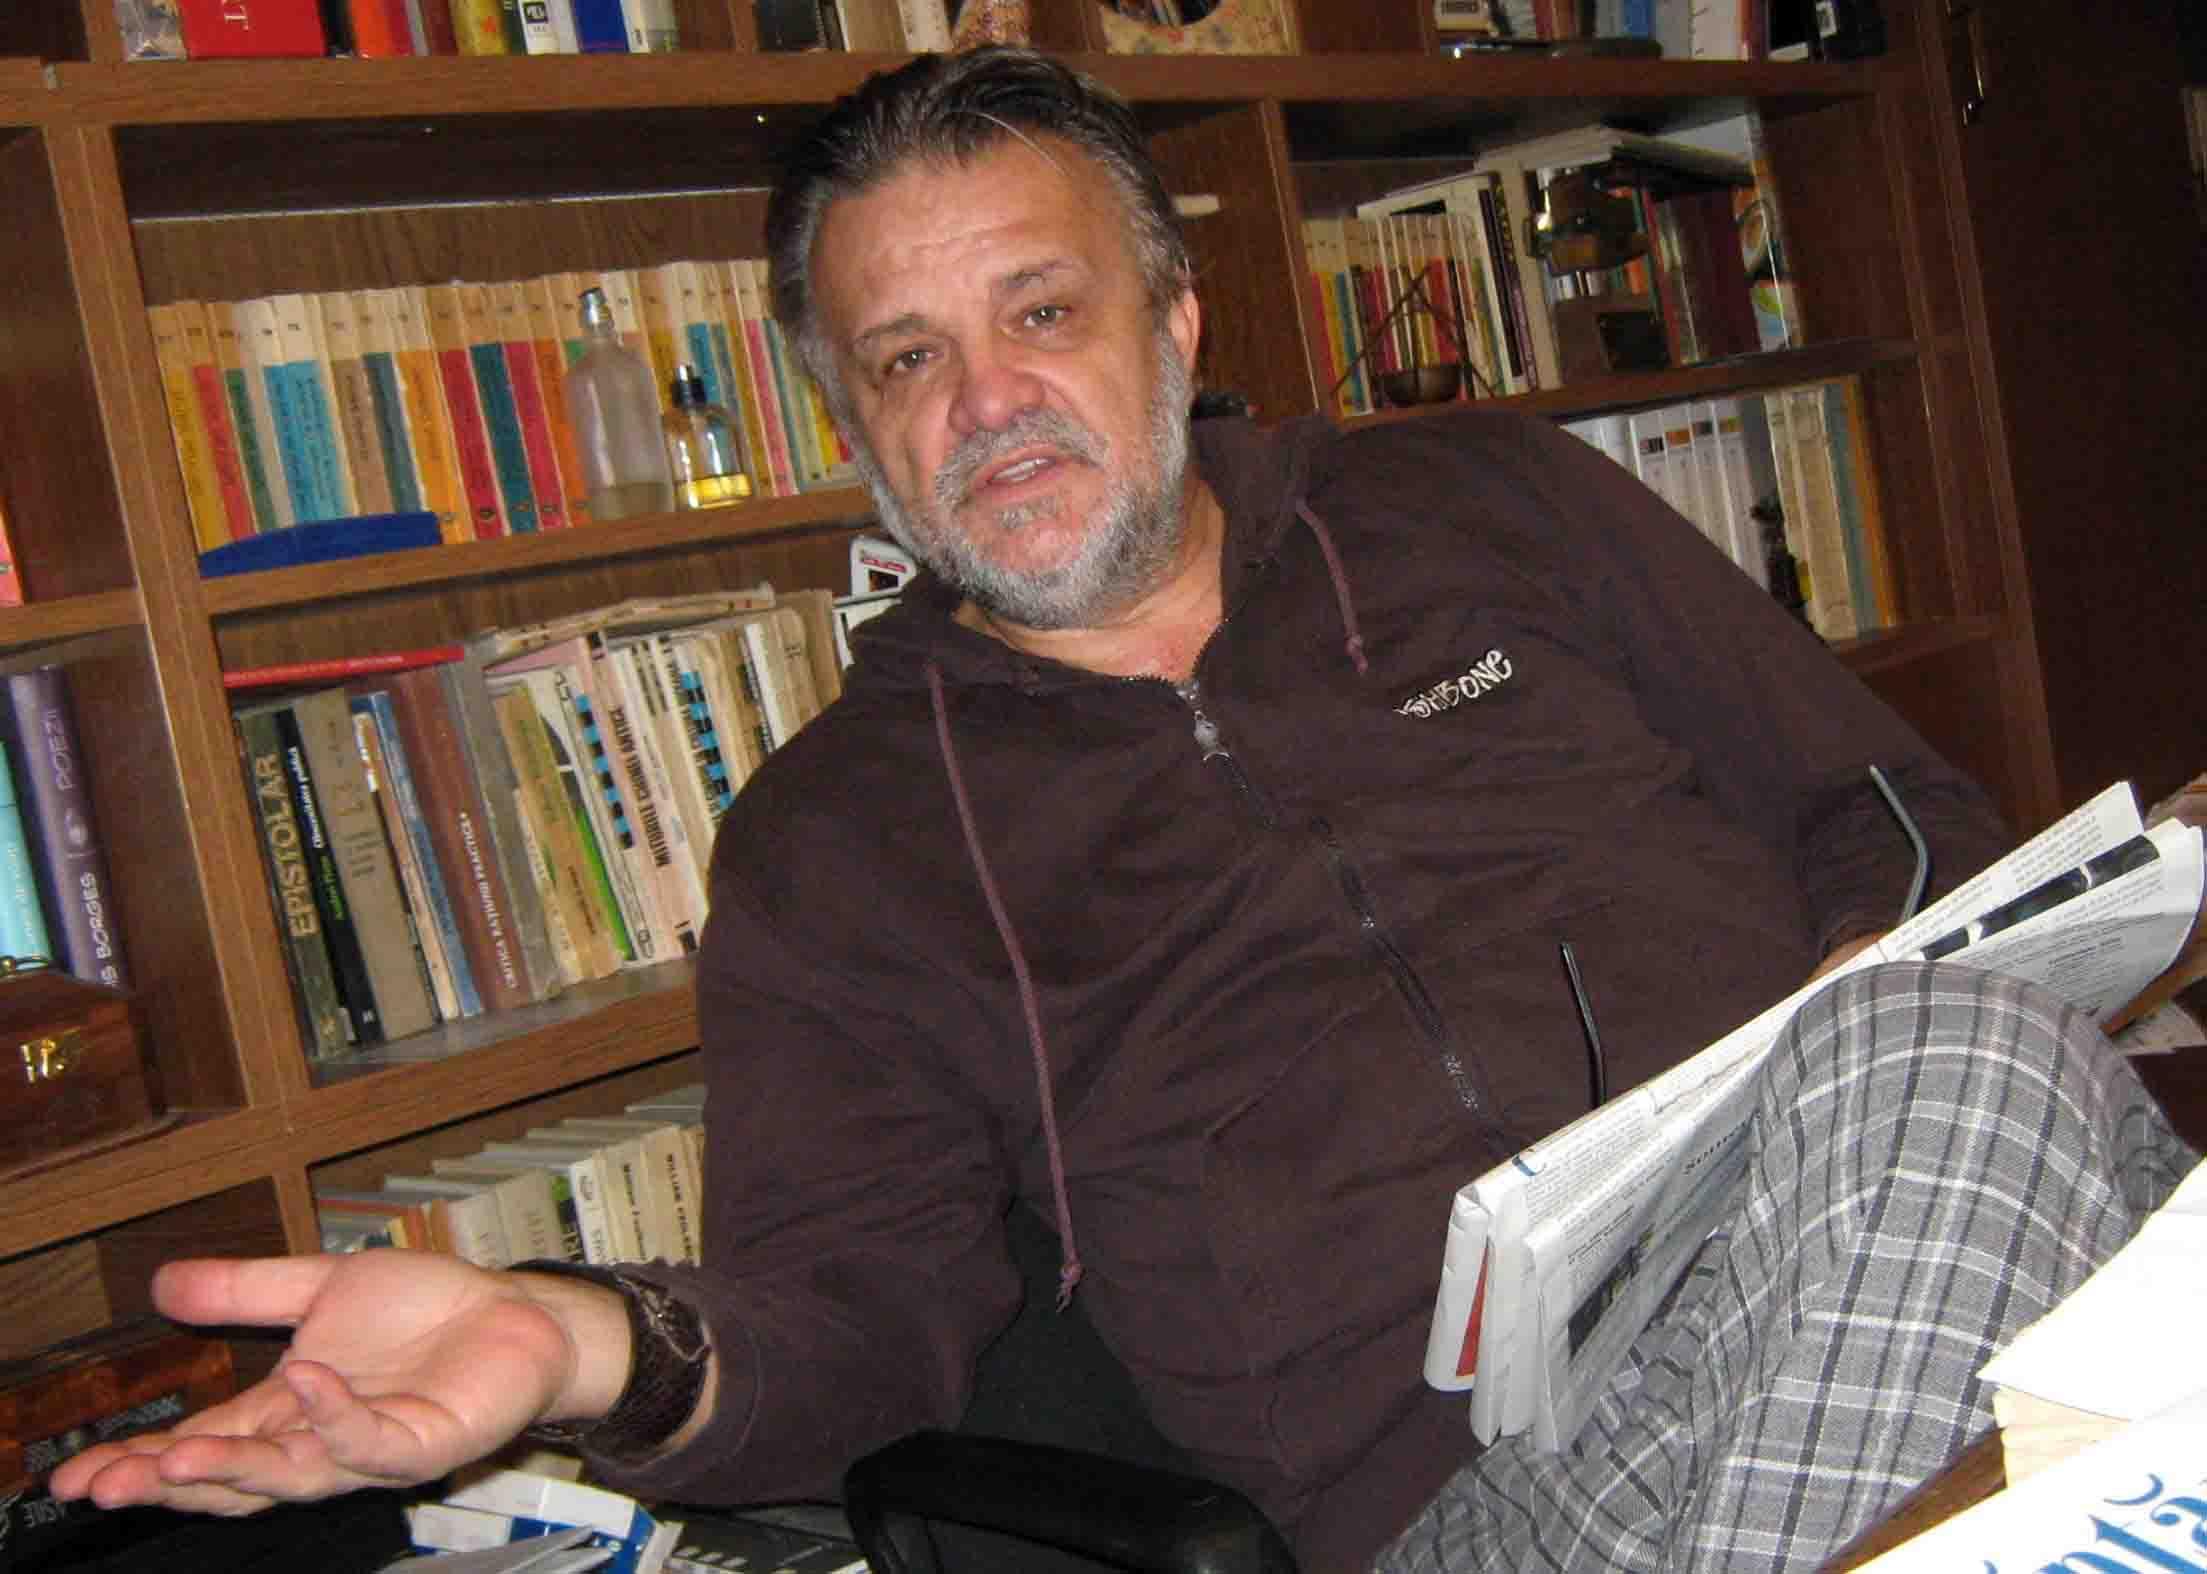 Regizorul Ioan Carmazan sustine ca vrea sa imprime propria viziune si propriul stil filmului